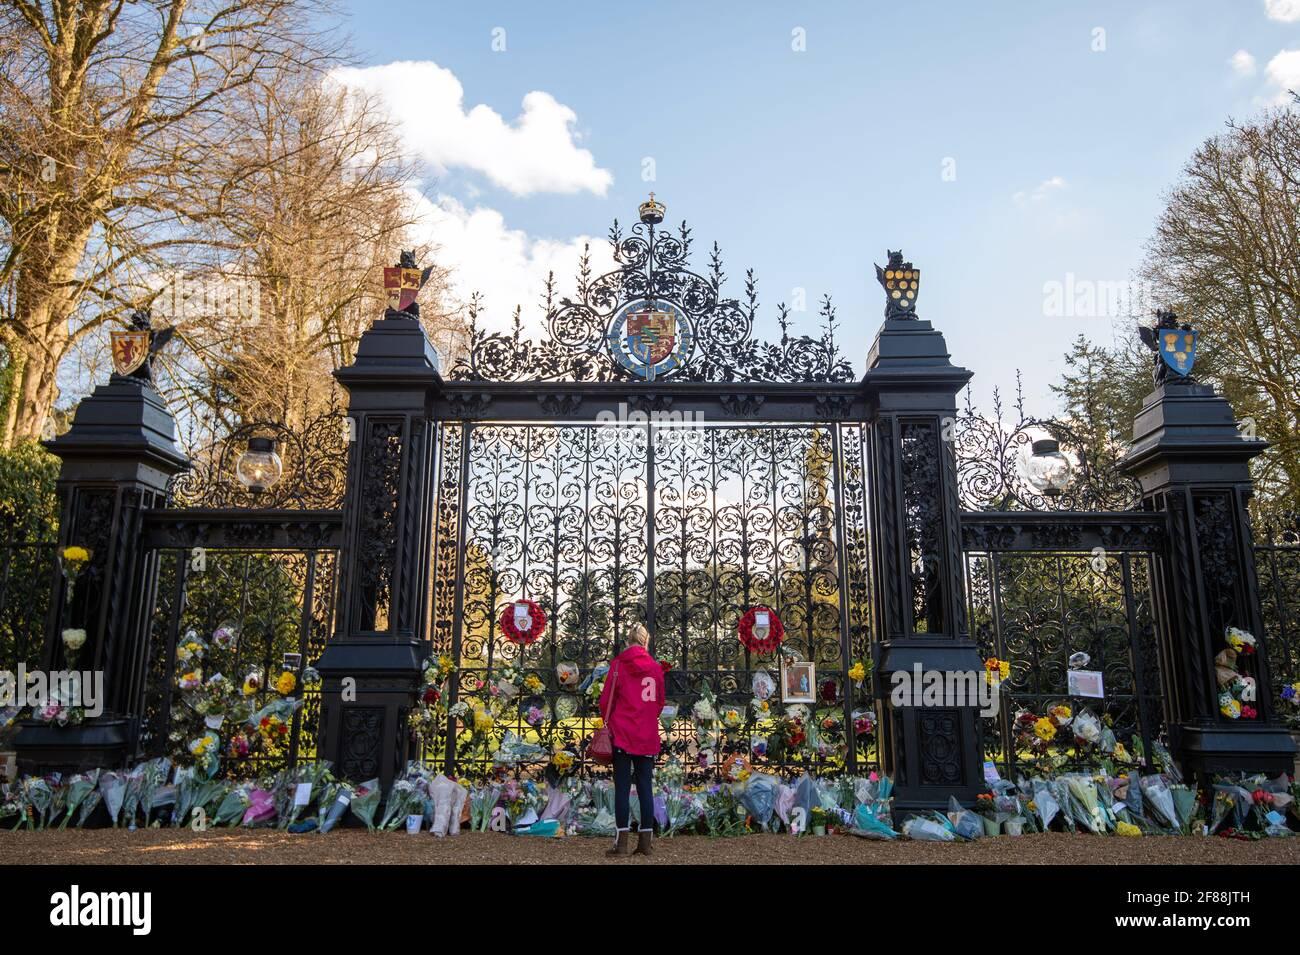 Une femme rend hommage devant les portes de la maison Sandringham à Norfolk, après l'annonce, le vendredi 9 avril, du décès du duc d'Édimbourg à l'âge de 99 ans. Date de la photo: Lundi 12 avril 2021. Banque D'Images